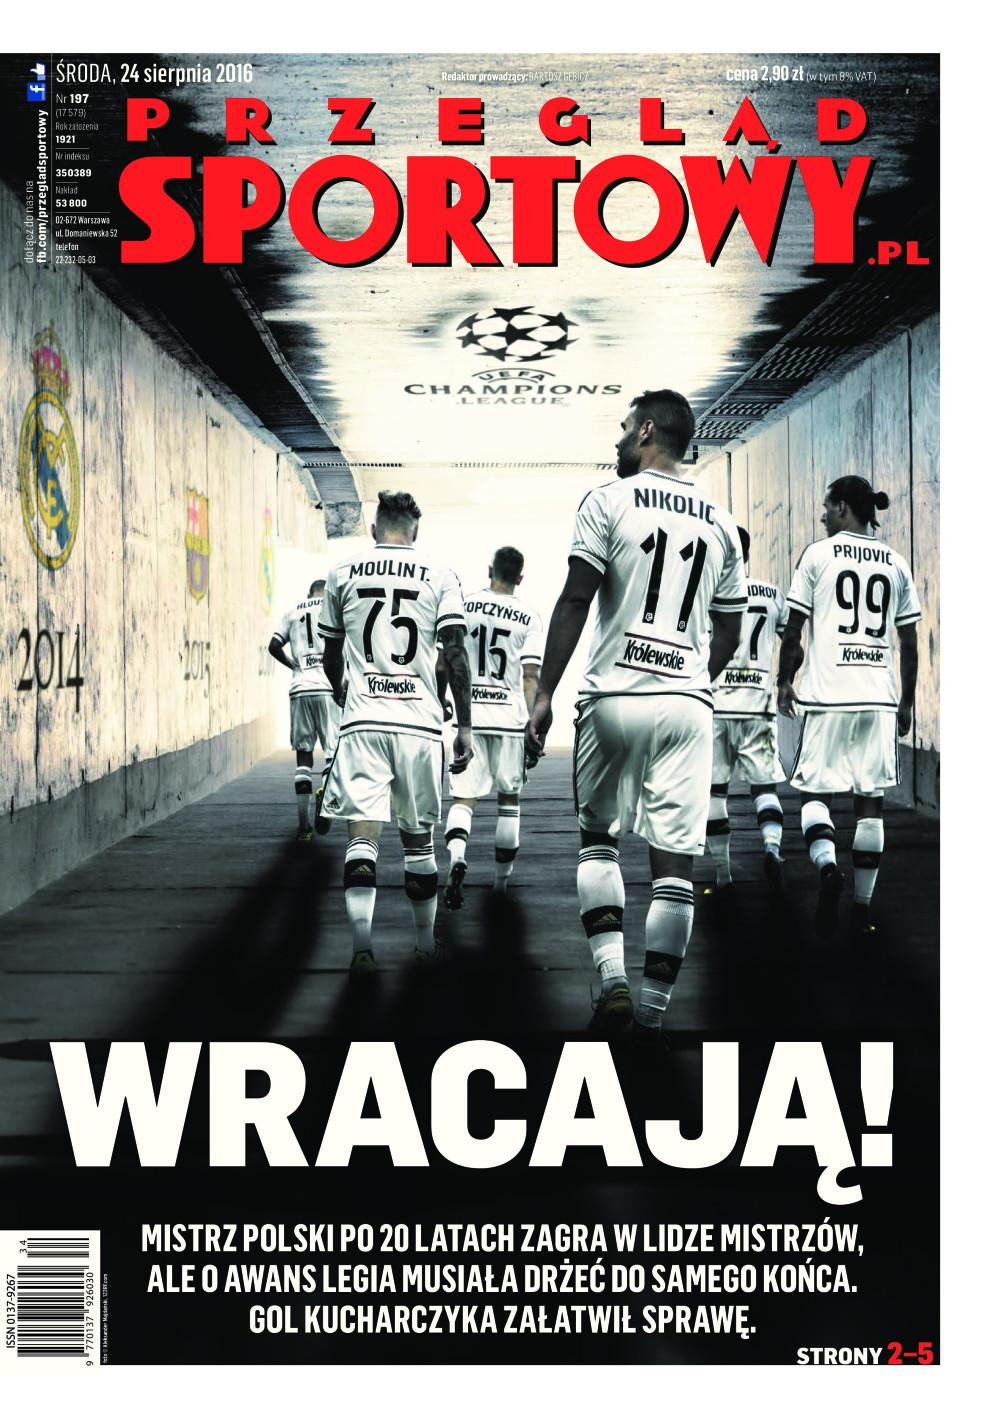 Okładka Przeglądu Sportowego po meczu Legia - Dundalk 1:1.